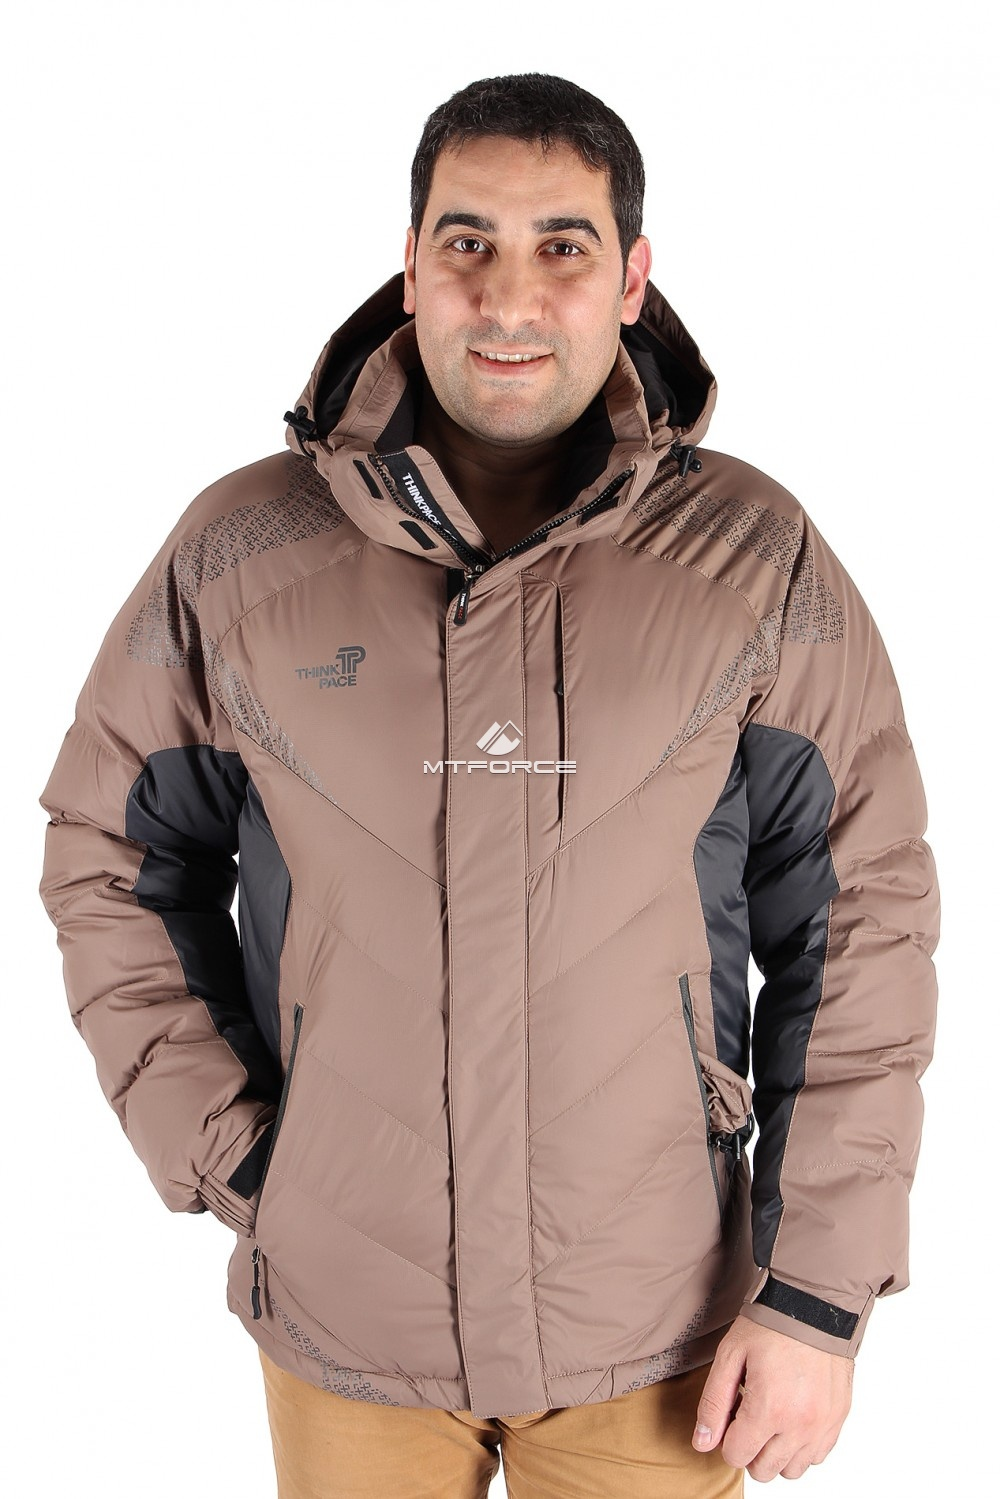 Купить                                  оптом Куртка зимняя мужская коричневого цвета 9421K в Новосибирске